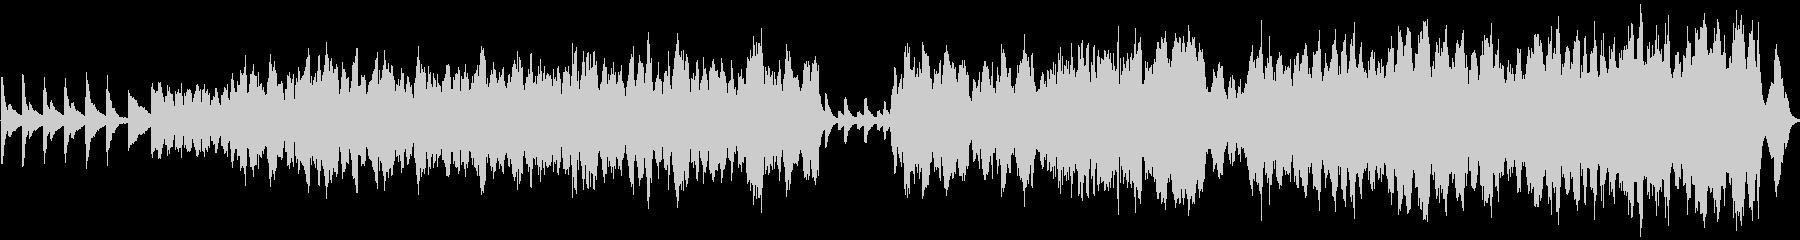 ドラマチックに彩るピアノと弦楽器のコラボの未再生の波形